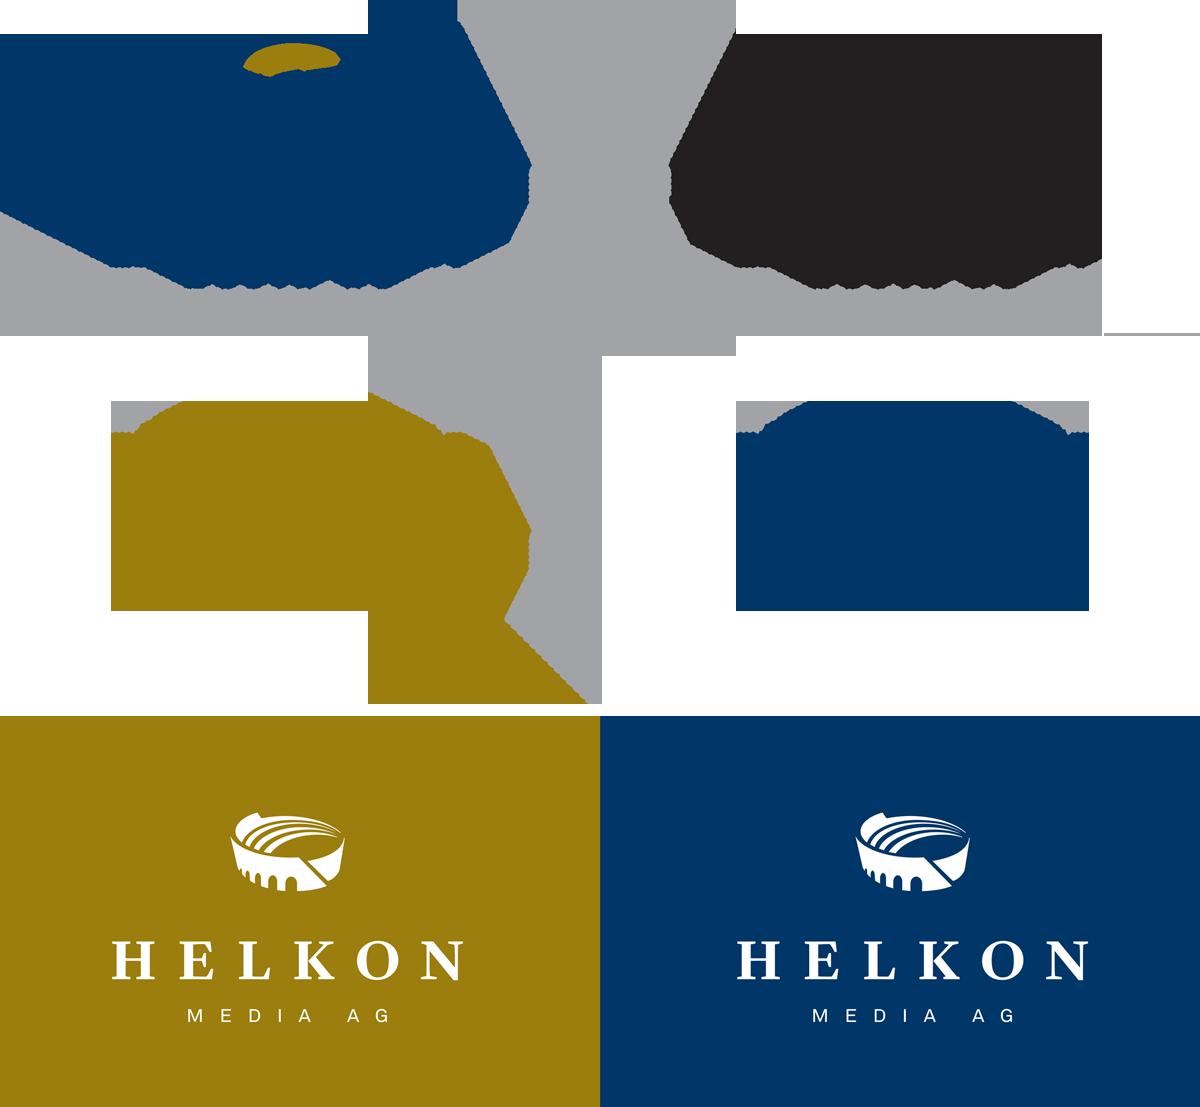 helkon-media_logo1